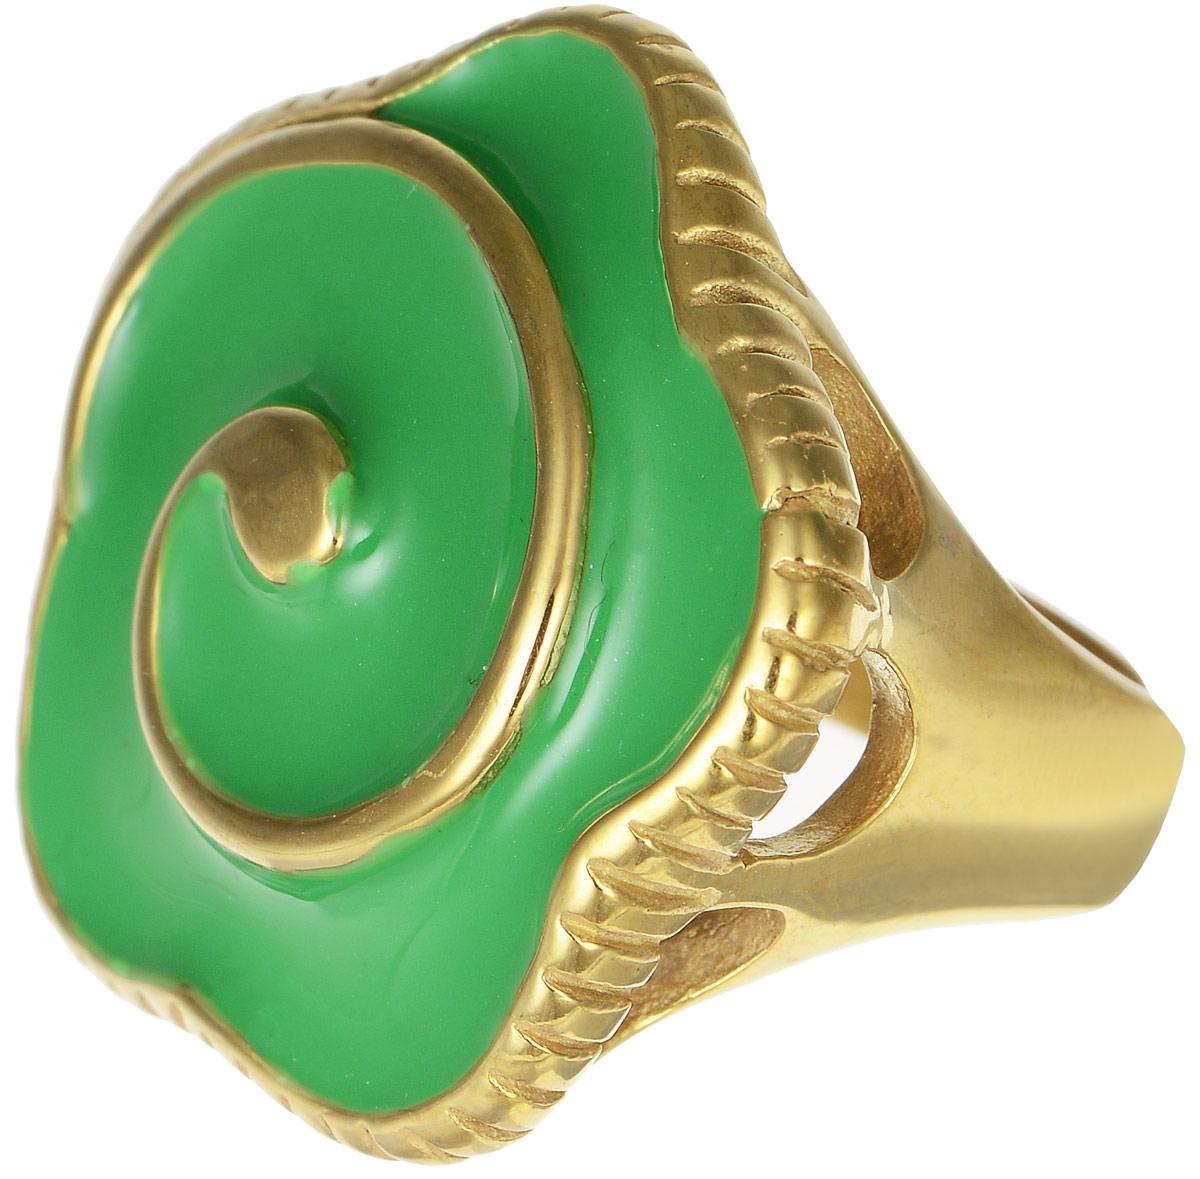 Кольцо Polina Selezneva, цвет: золотистый, зеленый. DG-0032. Размер 20DG-0032-10Оригинальное кольцо Polina Selezneva выполнено из металлического сплава. Оформлено изделие в форме цветка. Декоративная часть покрыта эмалью. Такое кольцо это блестящее завершение вашего неповторимого, смелого образа и отличный подарок для ценительницы необычных украшений!